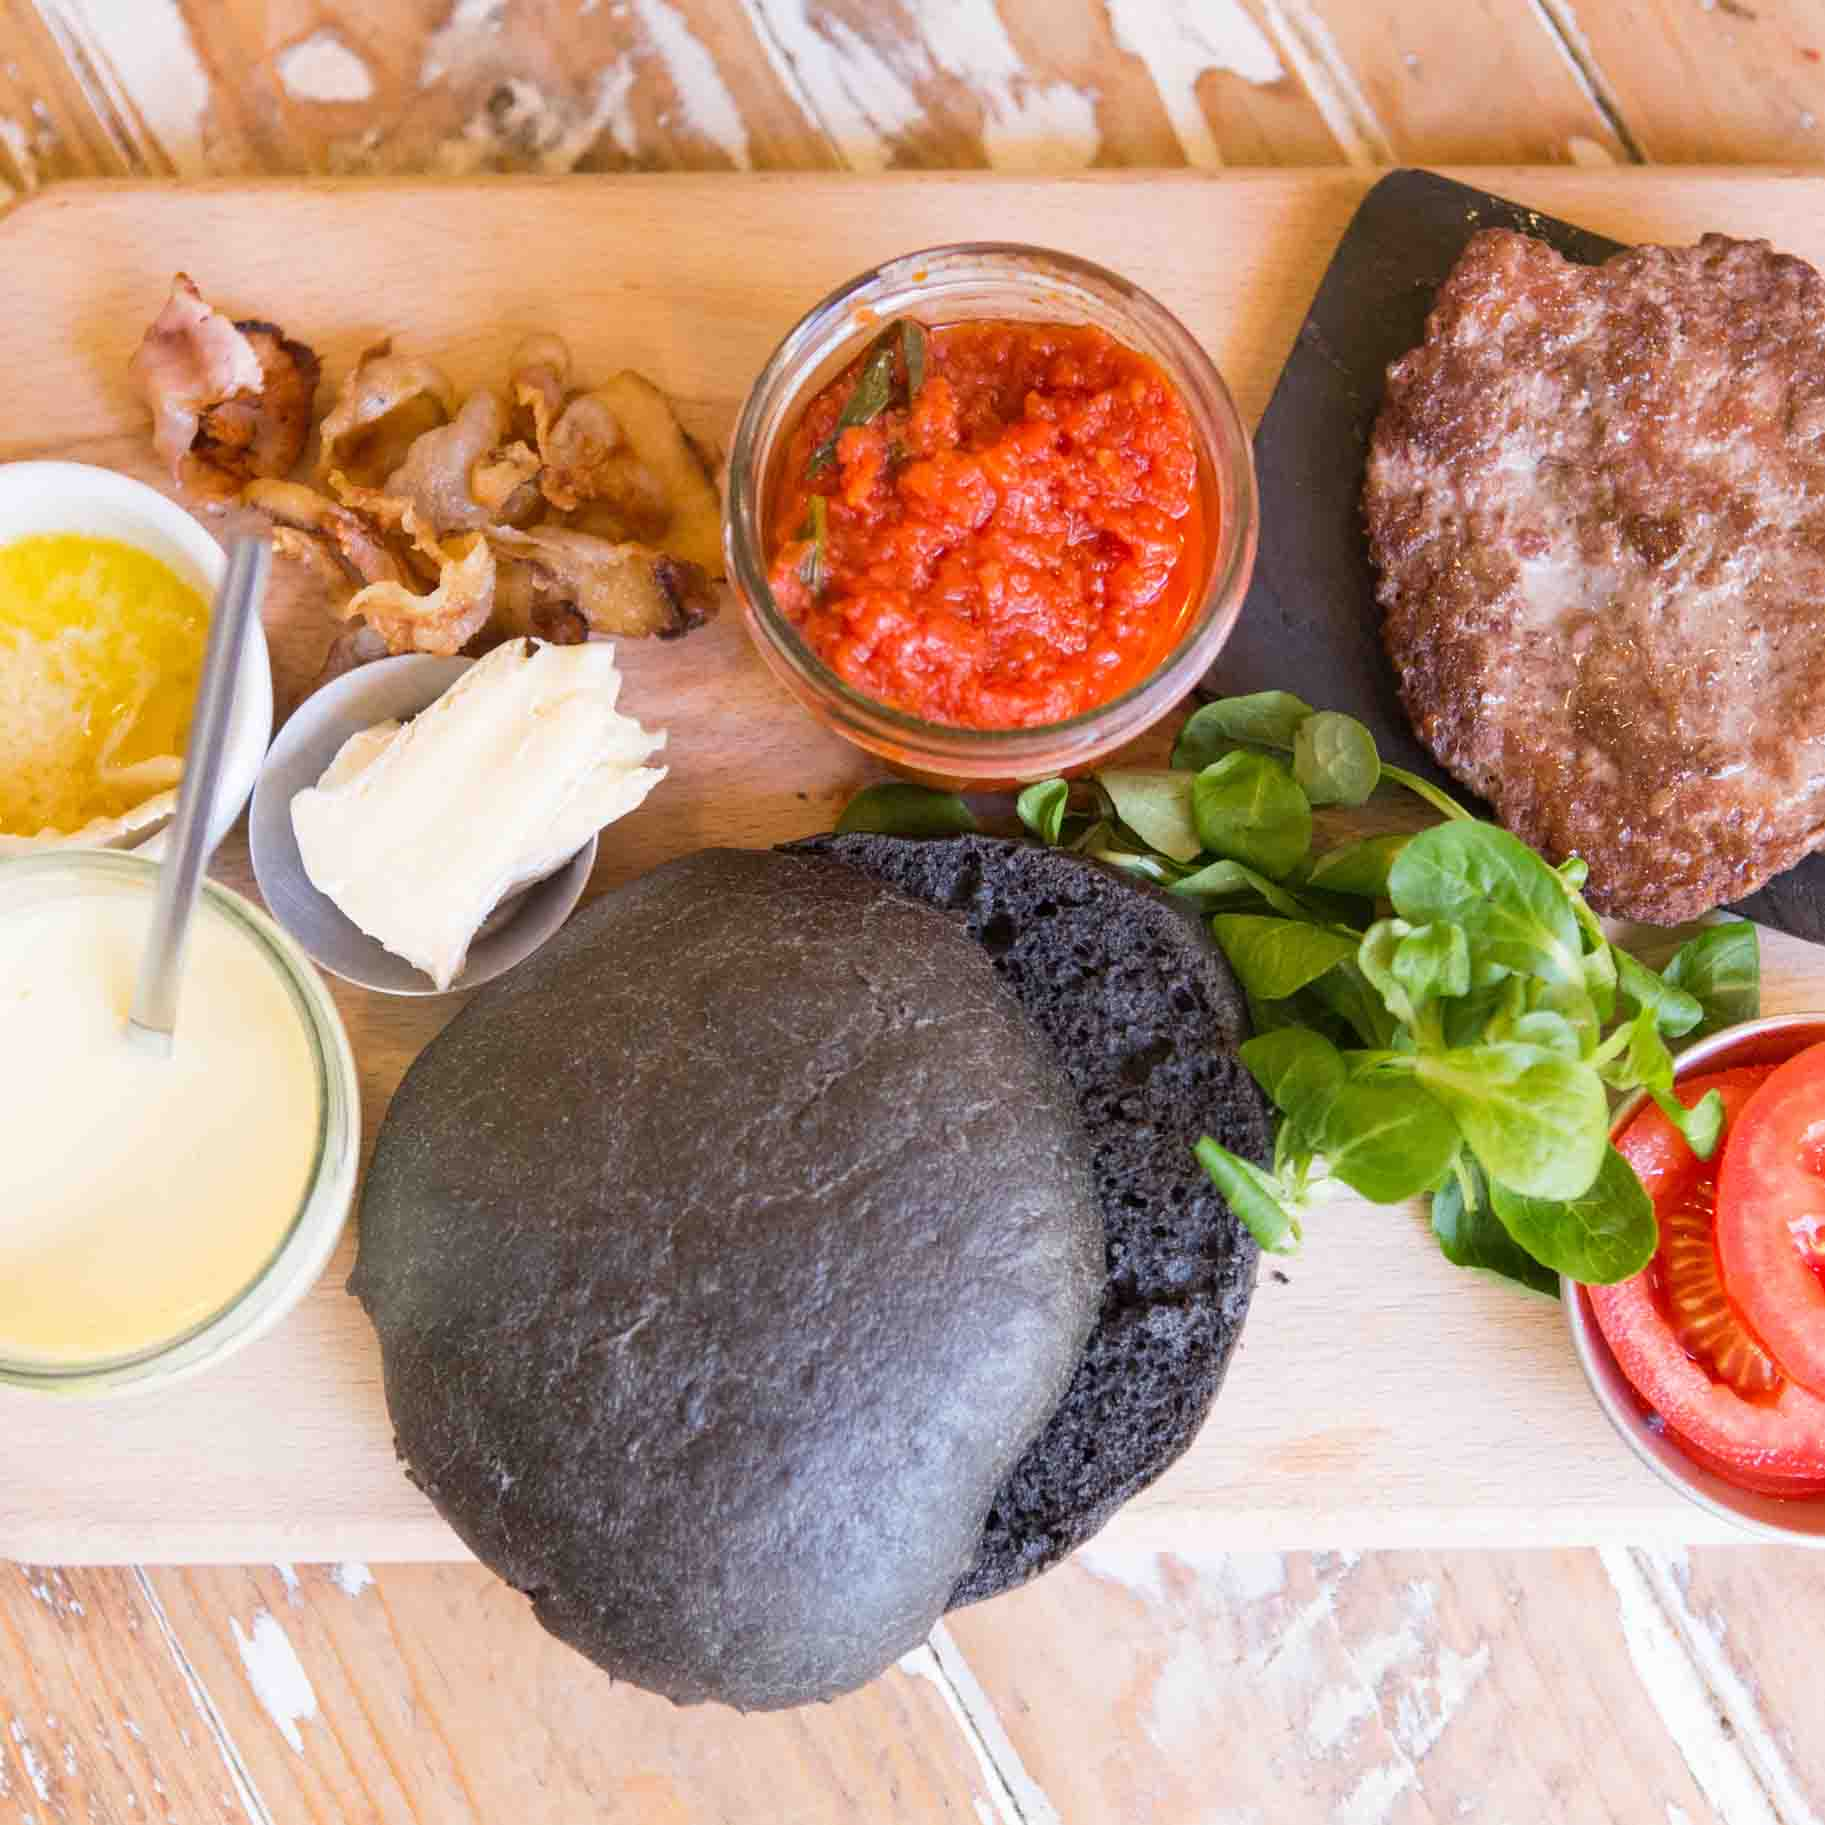 Emporio ladispoli Panini burger streetfood Pane nero 3